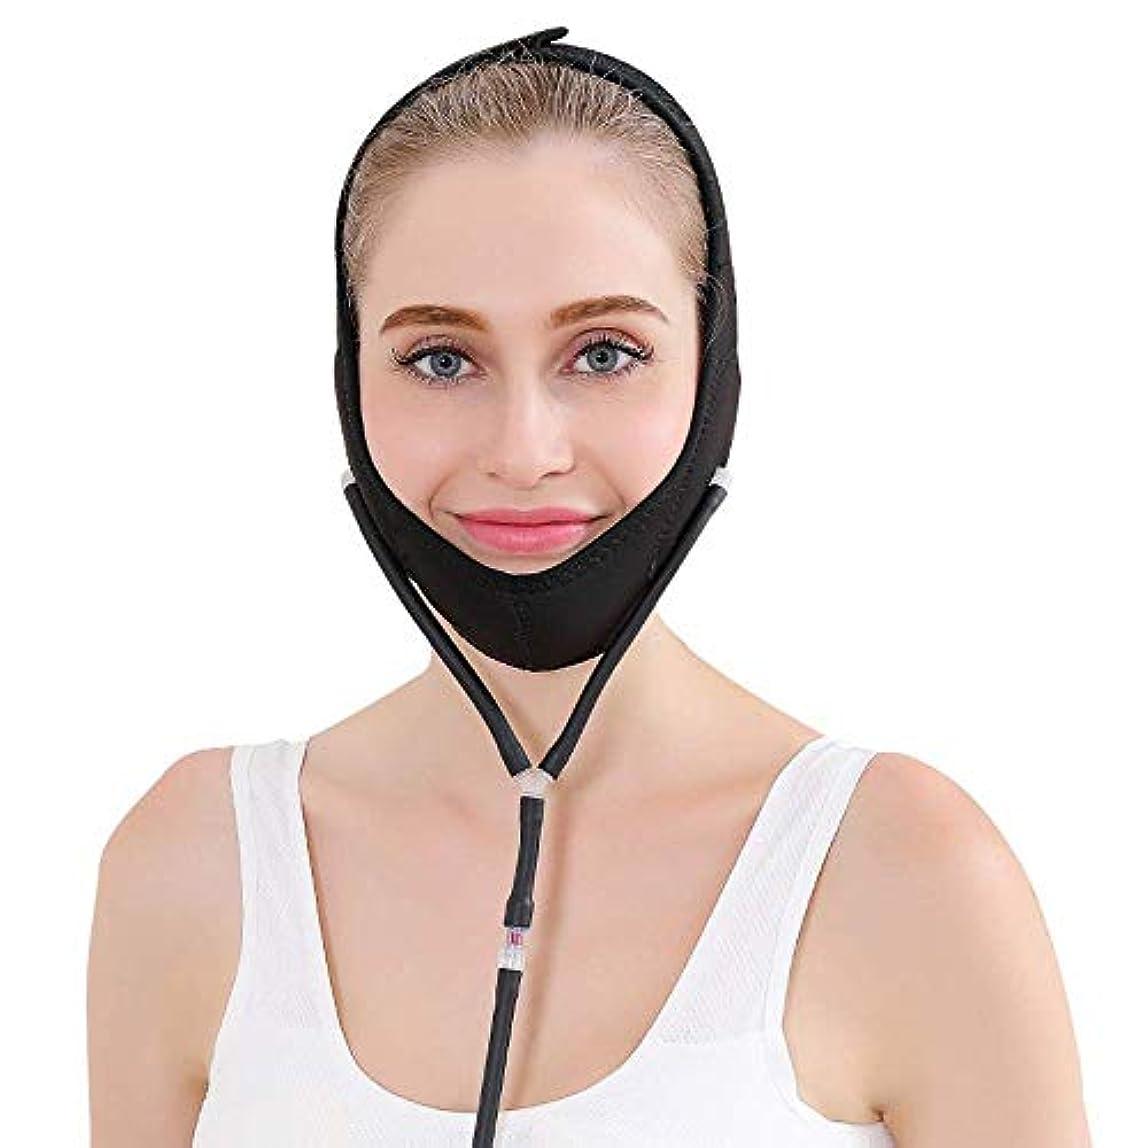 衣服鑑定ツールSHQIDLILAG (ヨイ) エアー 顔やせ マスク 小顔 ほうれい線 空気入れ エアーポンプ 顔のエクササイズ フェイスリフト レディース (フリーサイズ, ピンク) (B)